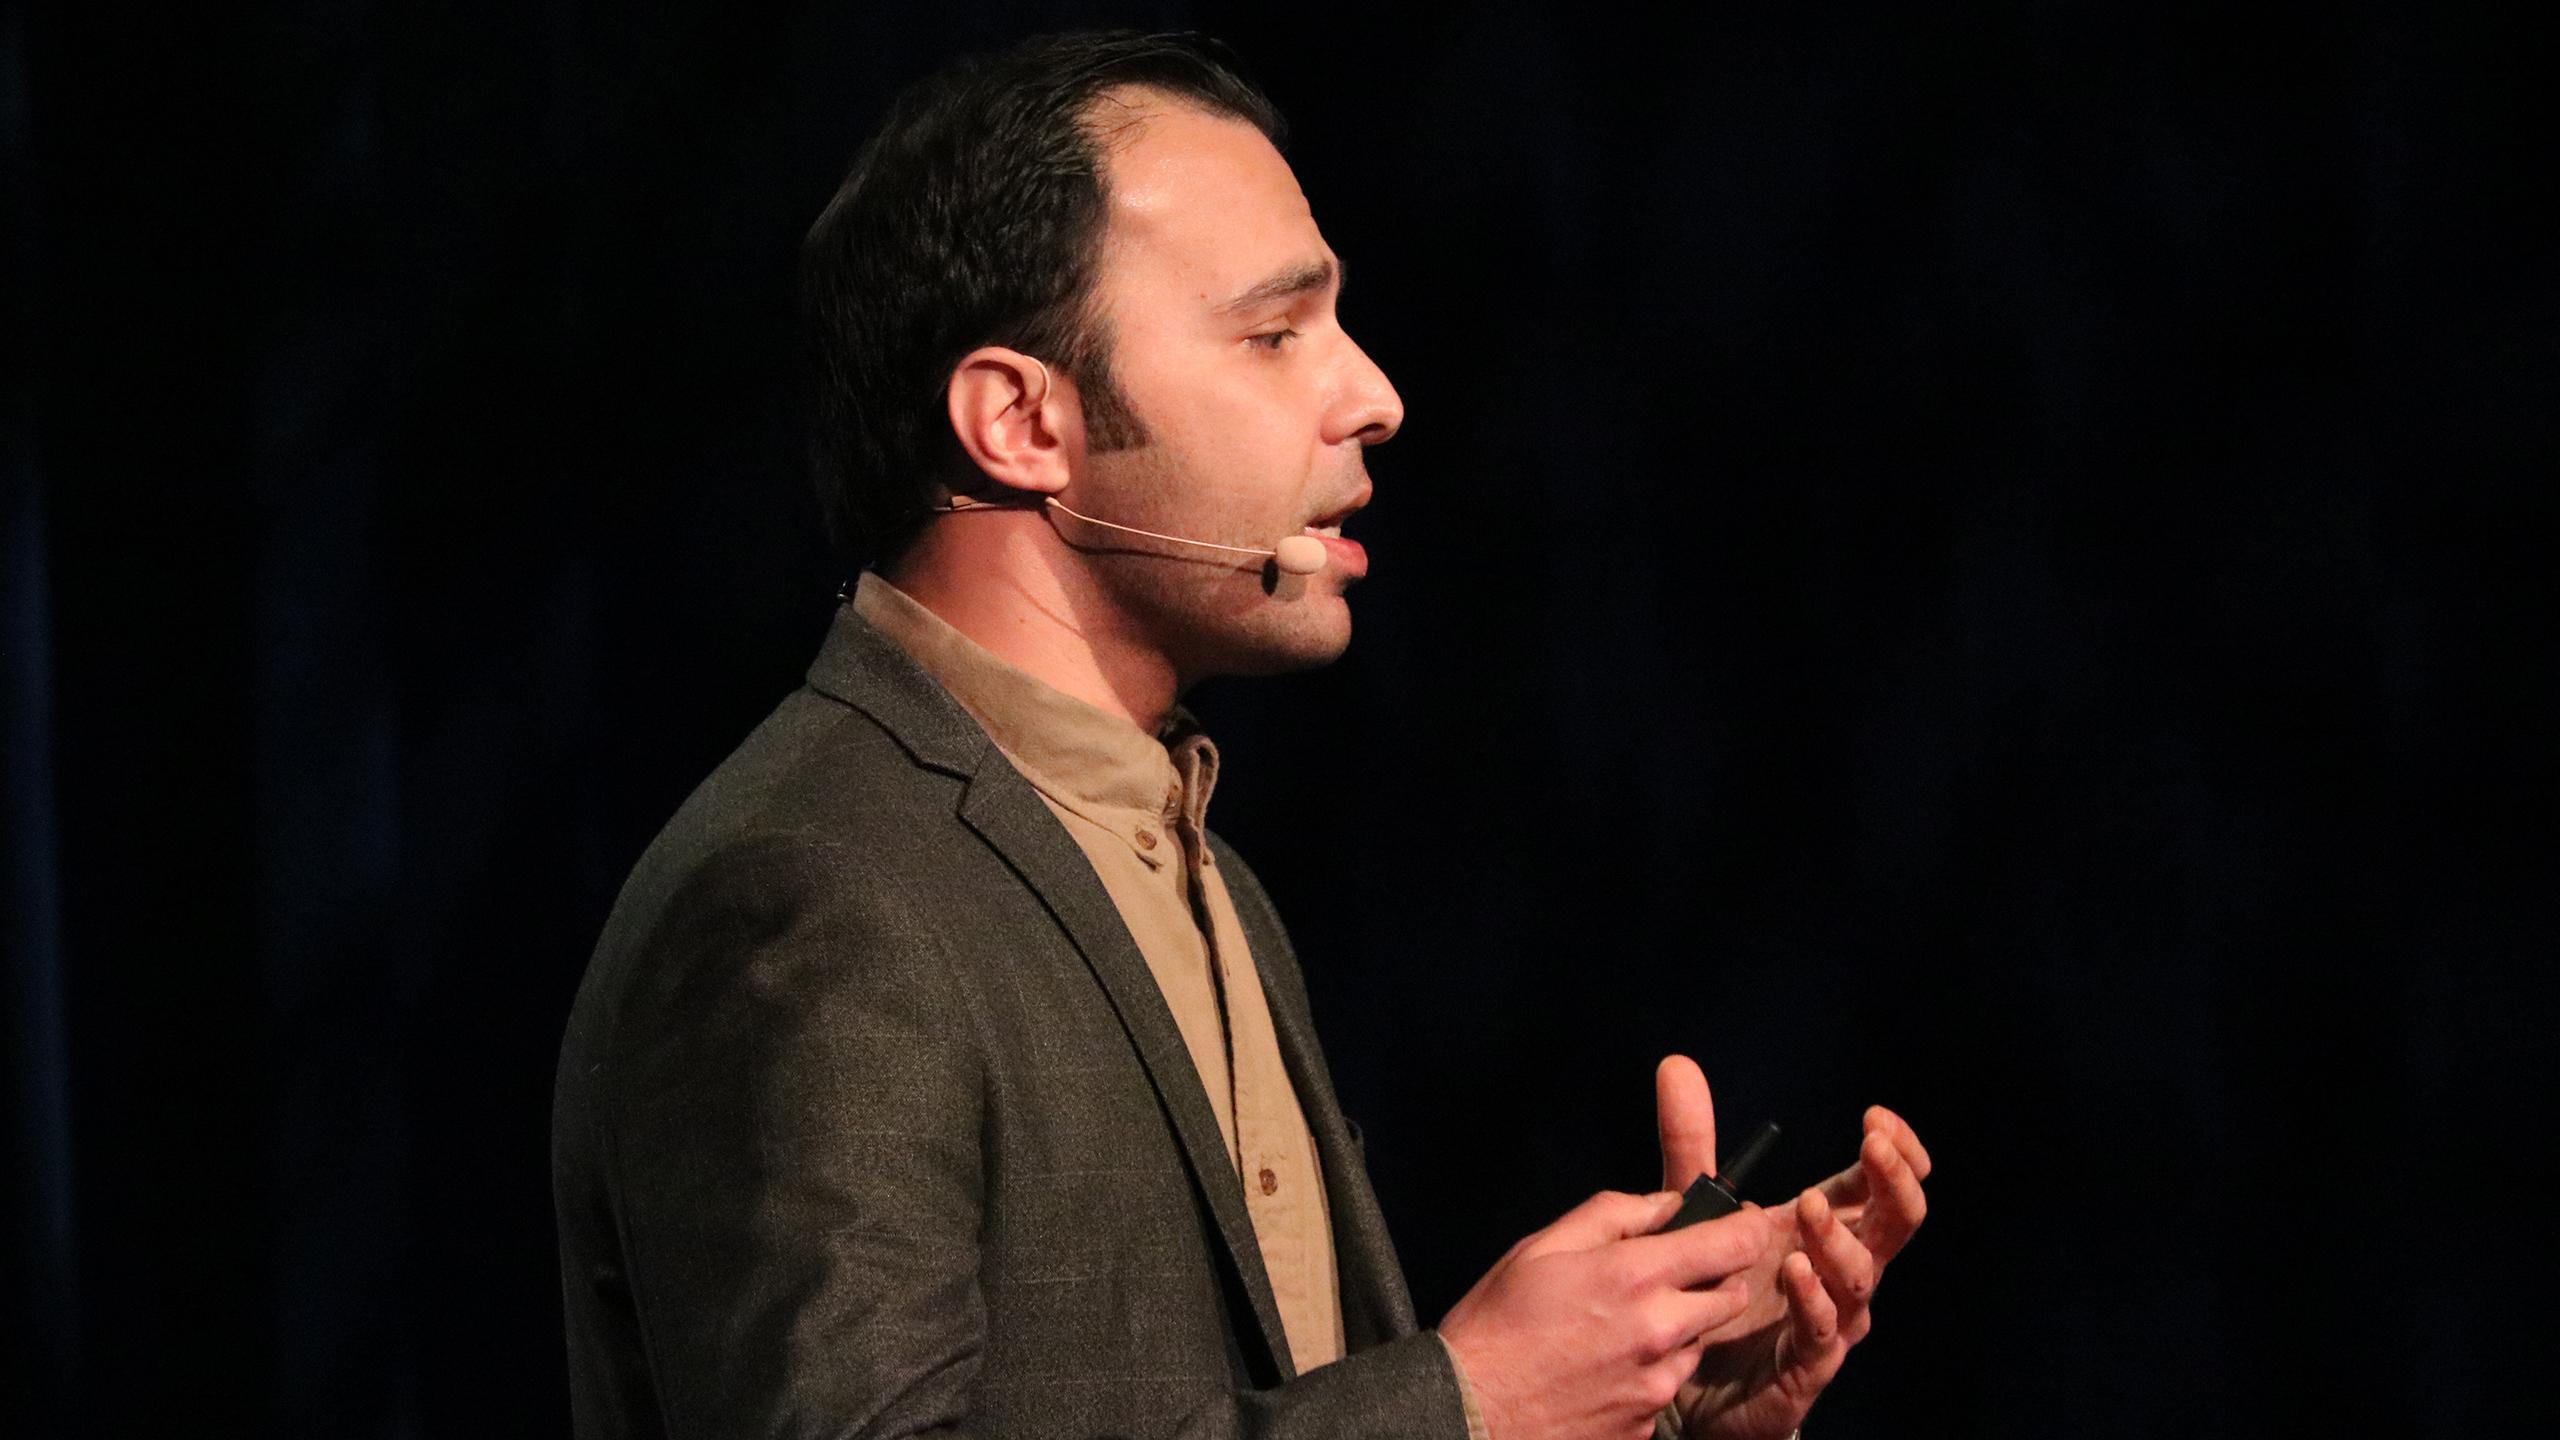 Ahmad Edilbi speaks on a stage.